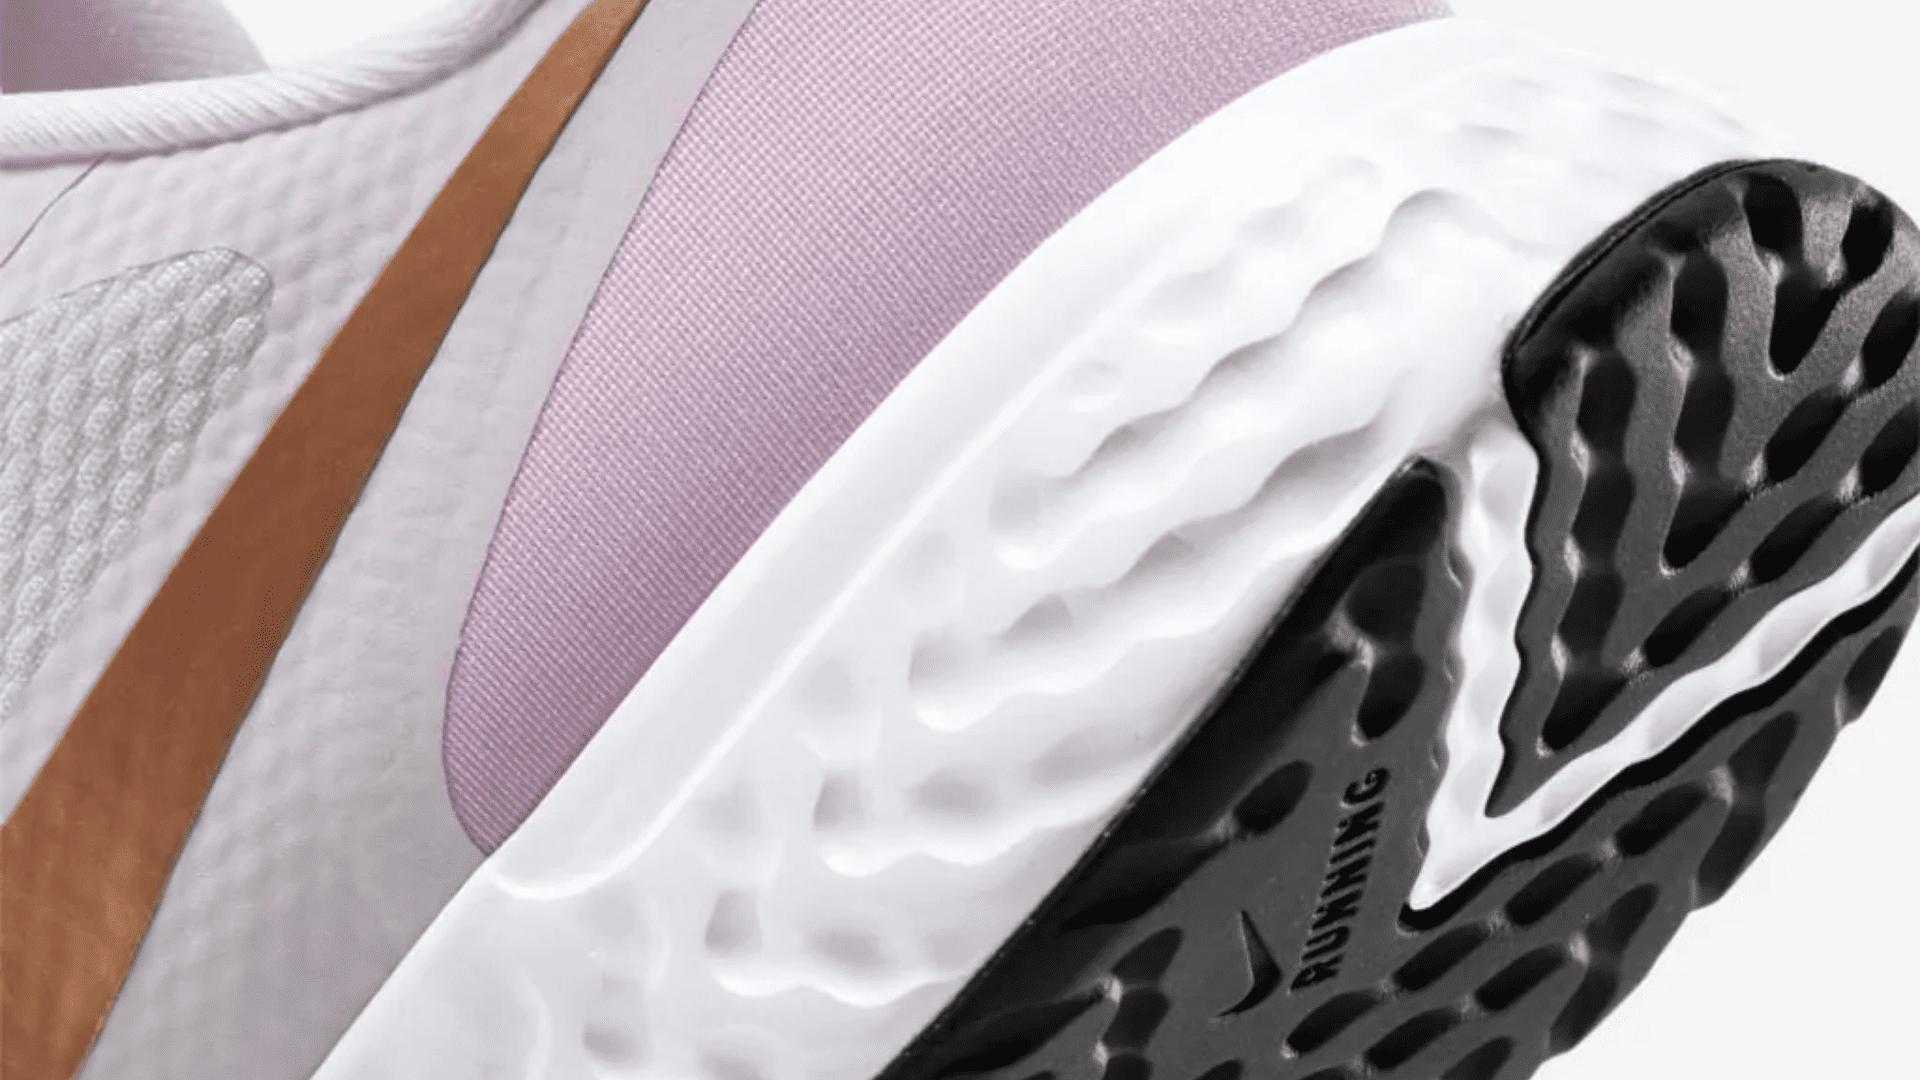 O Nike Revolution 5 tem amortecimento leve e resistente (Imagem: Divulgação/Nike)